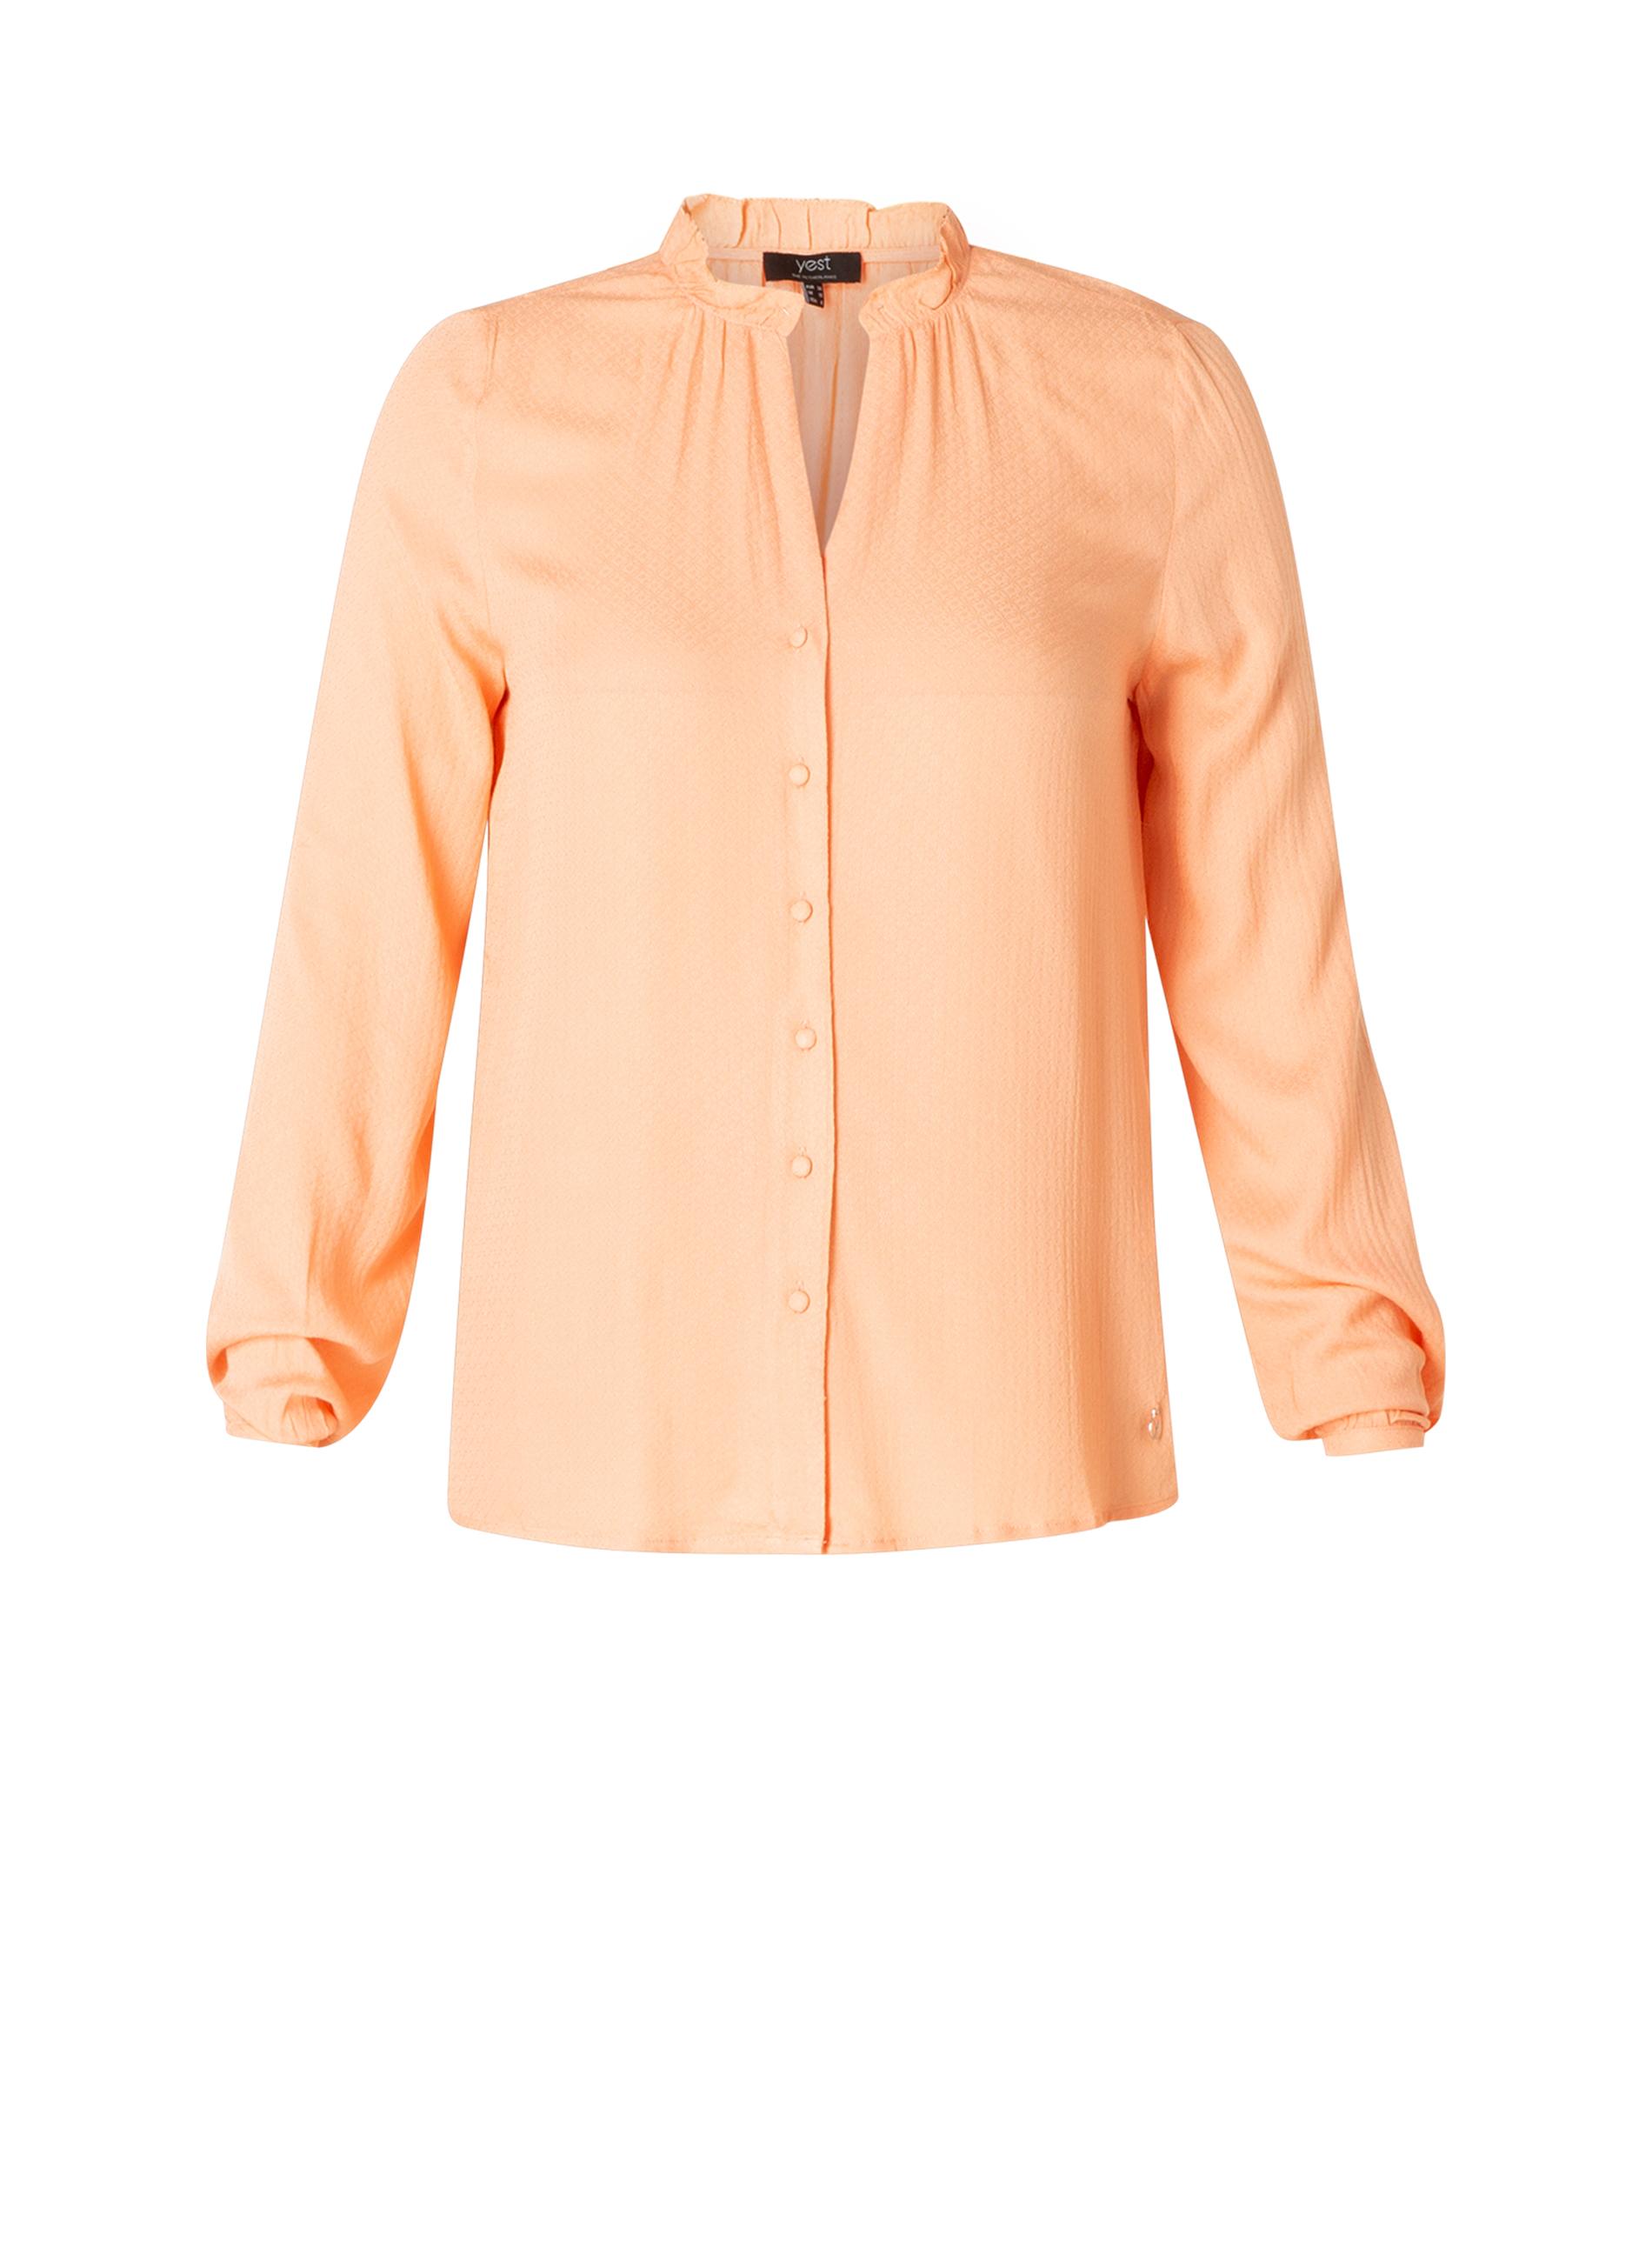 Yesta blouse Jamie 76 cm